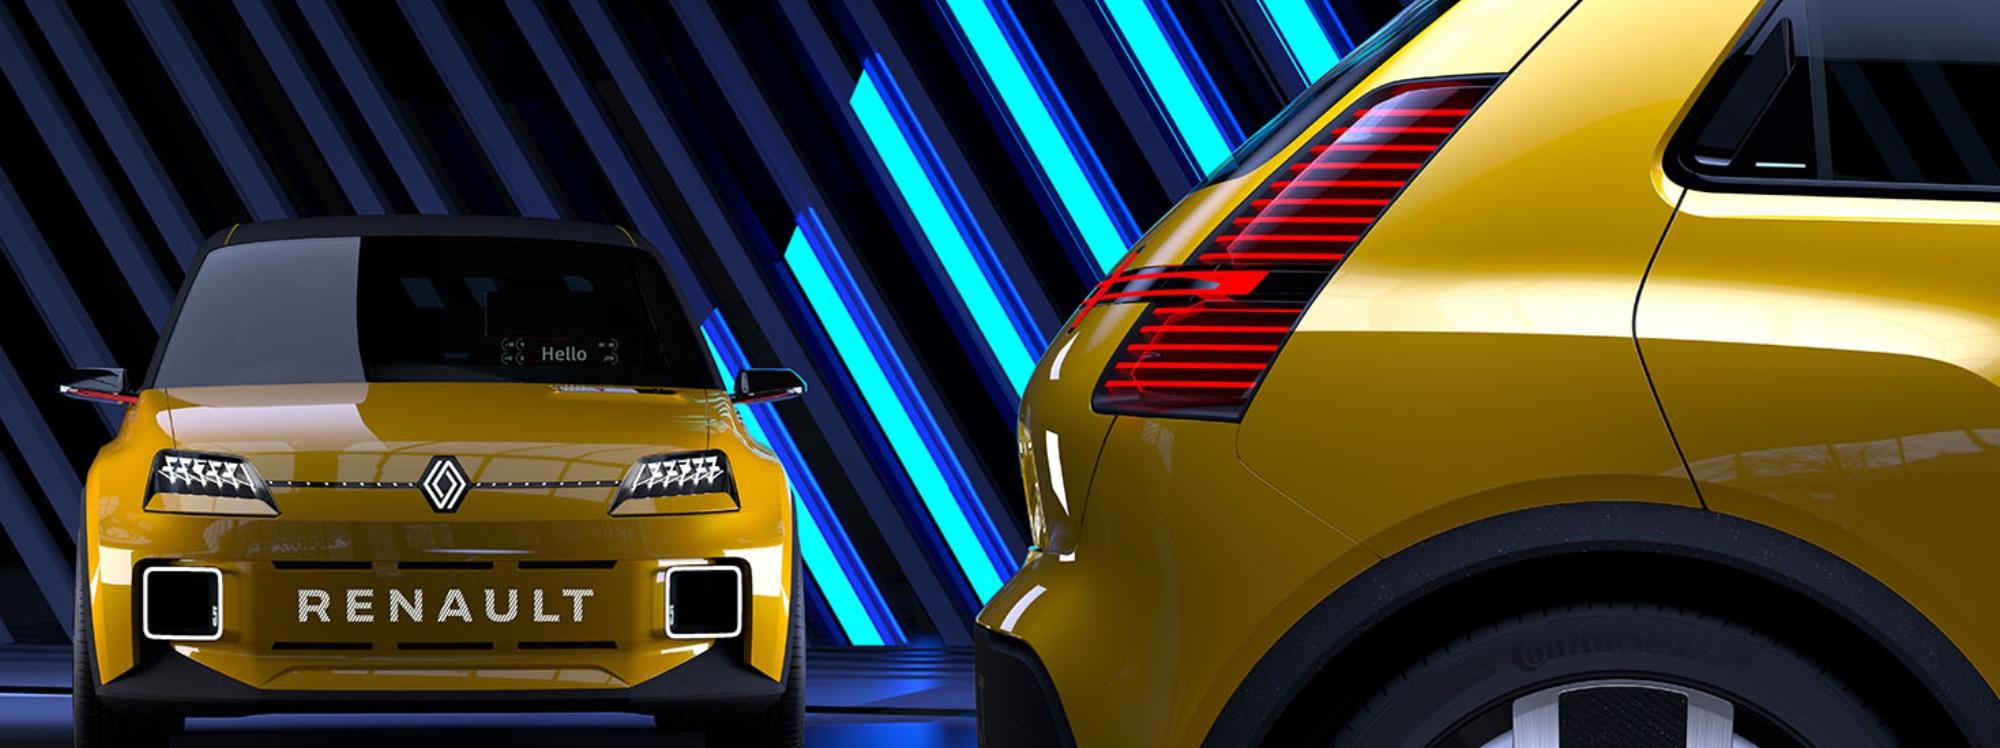 Renault anunció el regreso del R5, pero en versión eléctrica